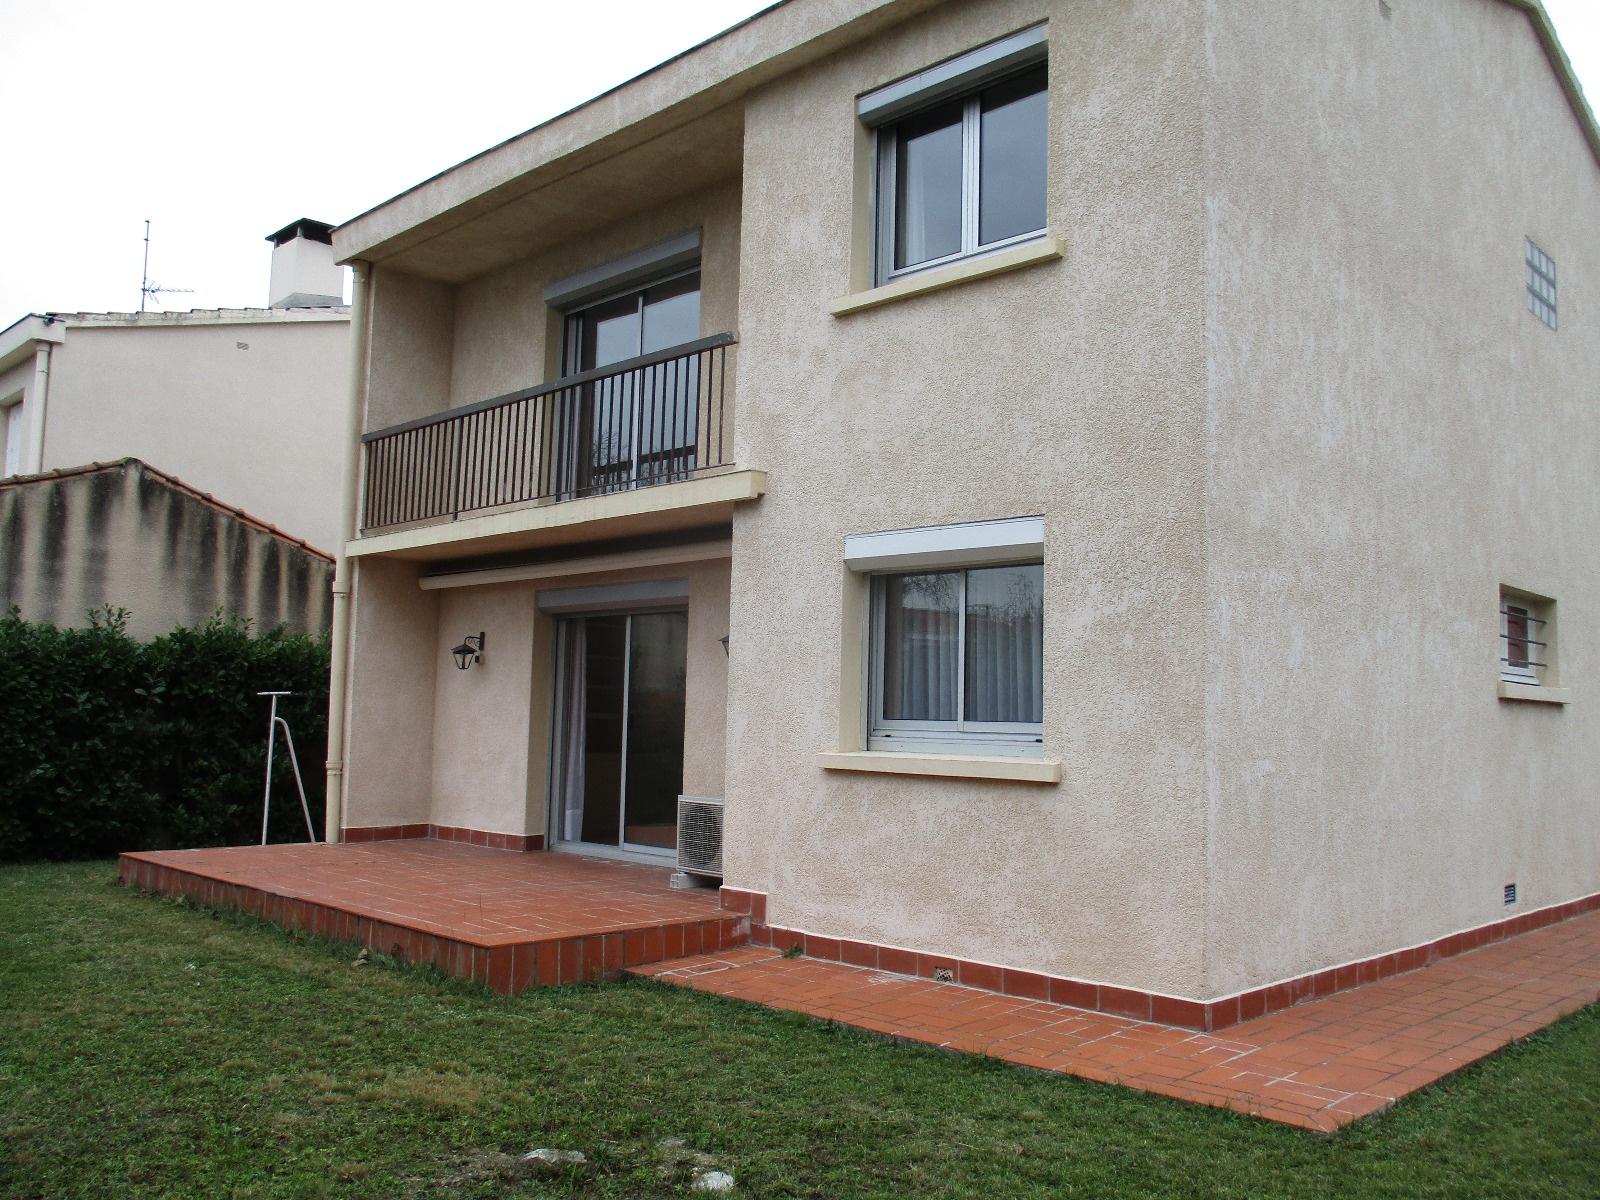 Annonce location maison toulouse 31300 110 m 1 100 for Acheter maison toulouse